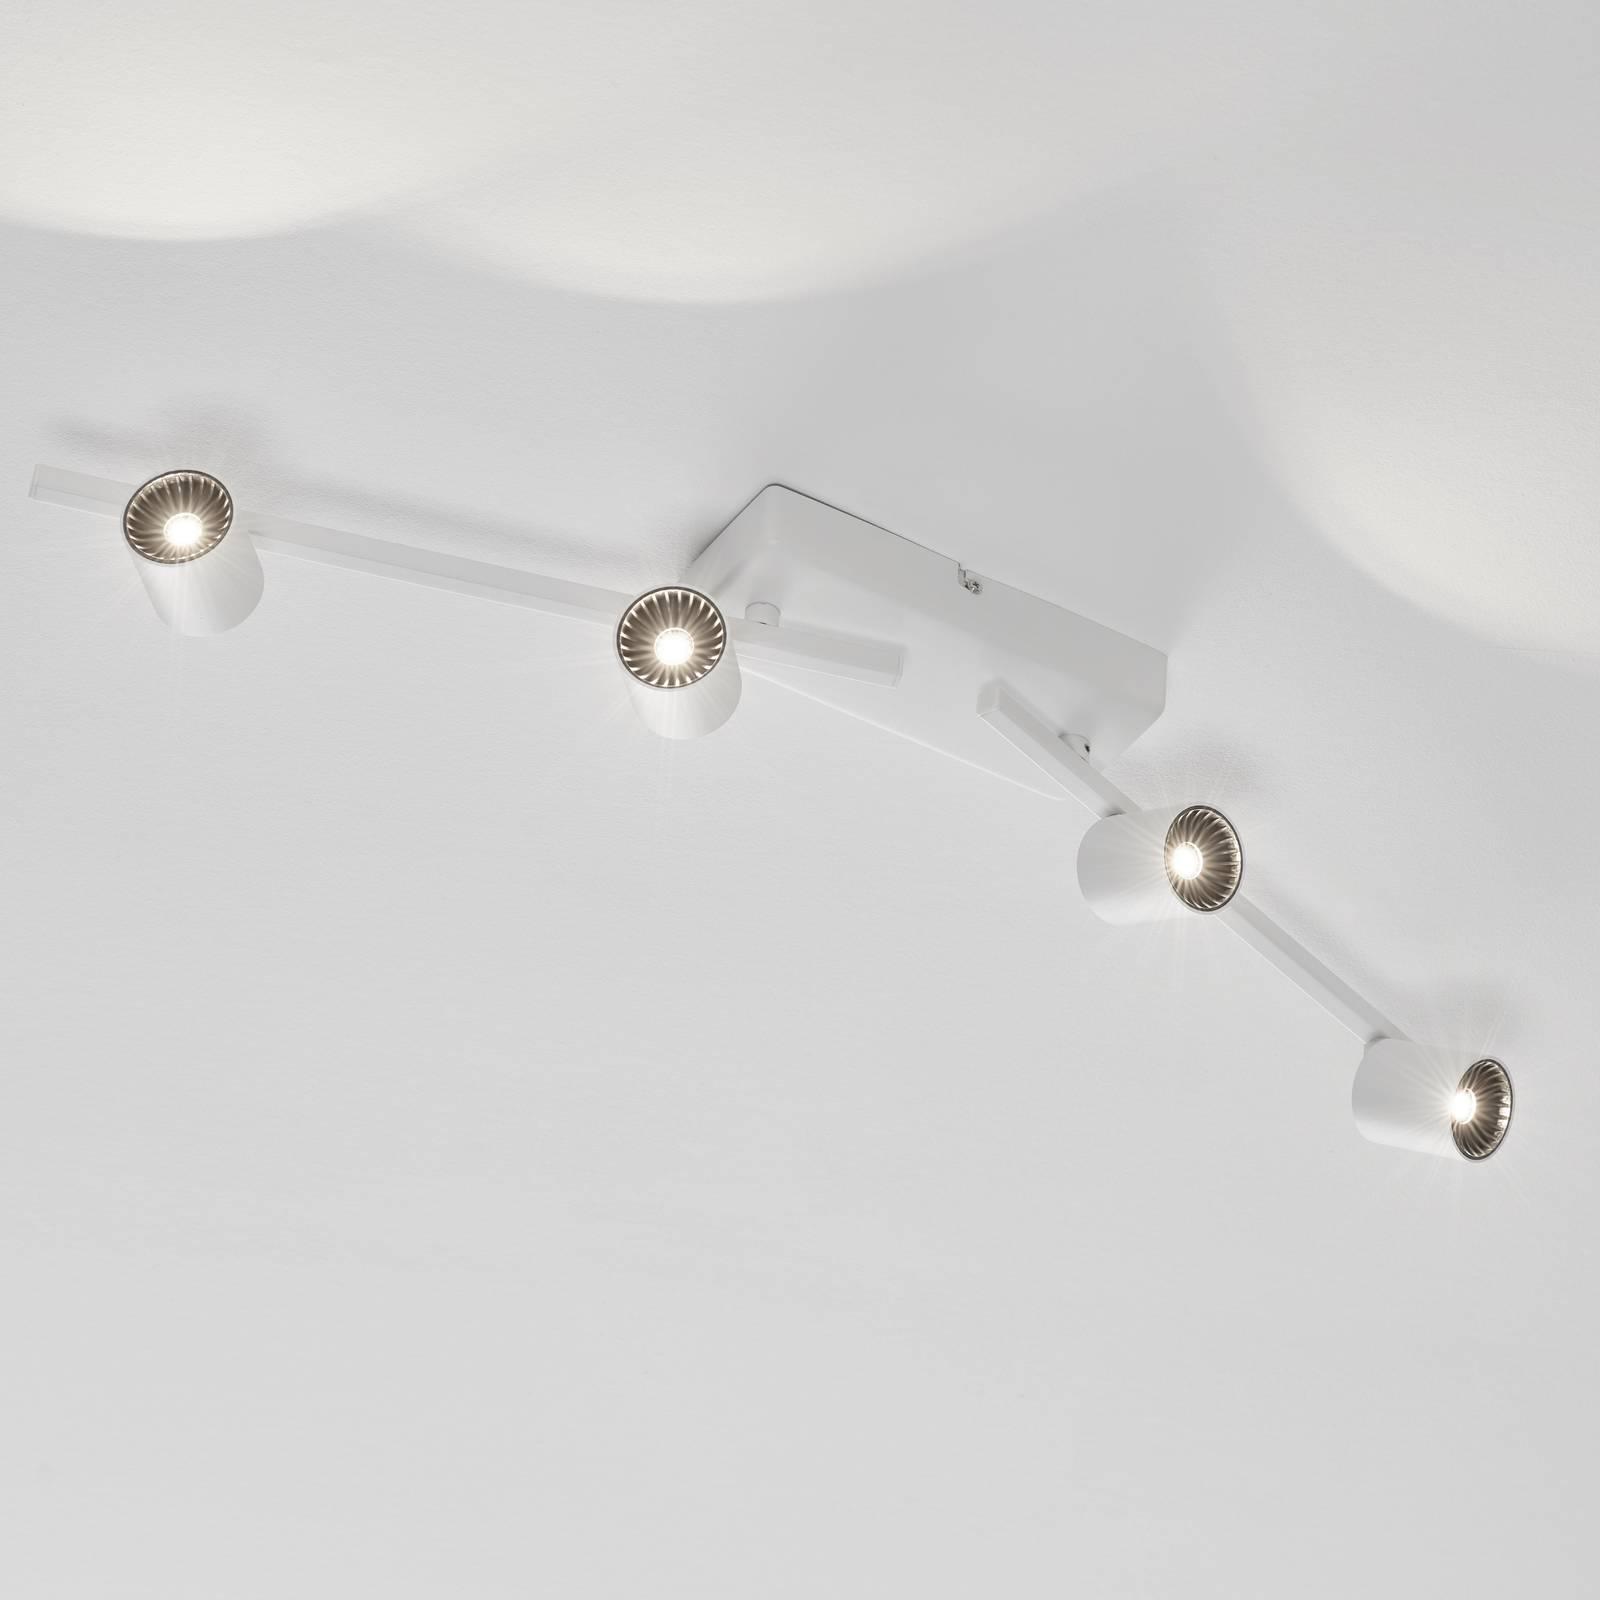 LED-kattokohdevalo Rinik, 4-lamppuinen, pitkä